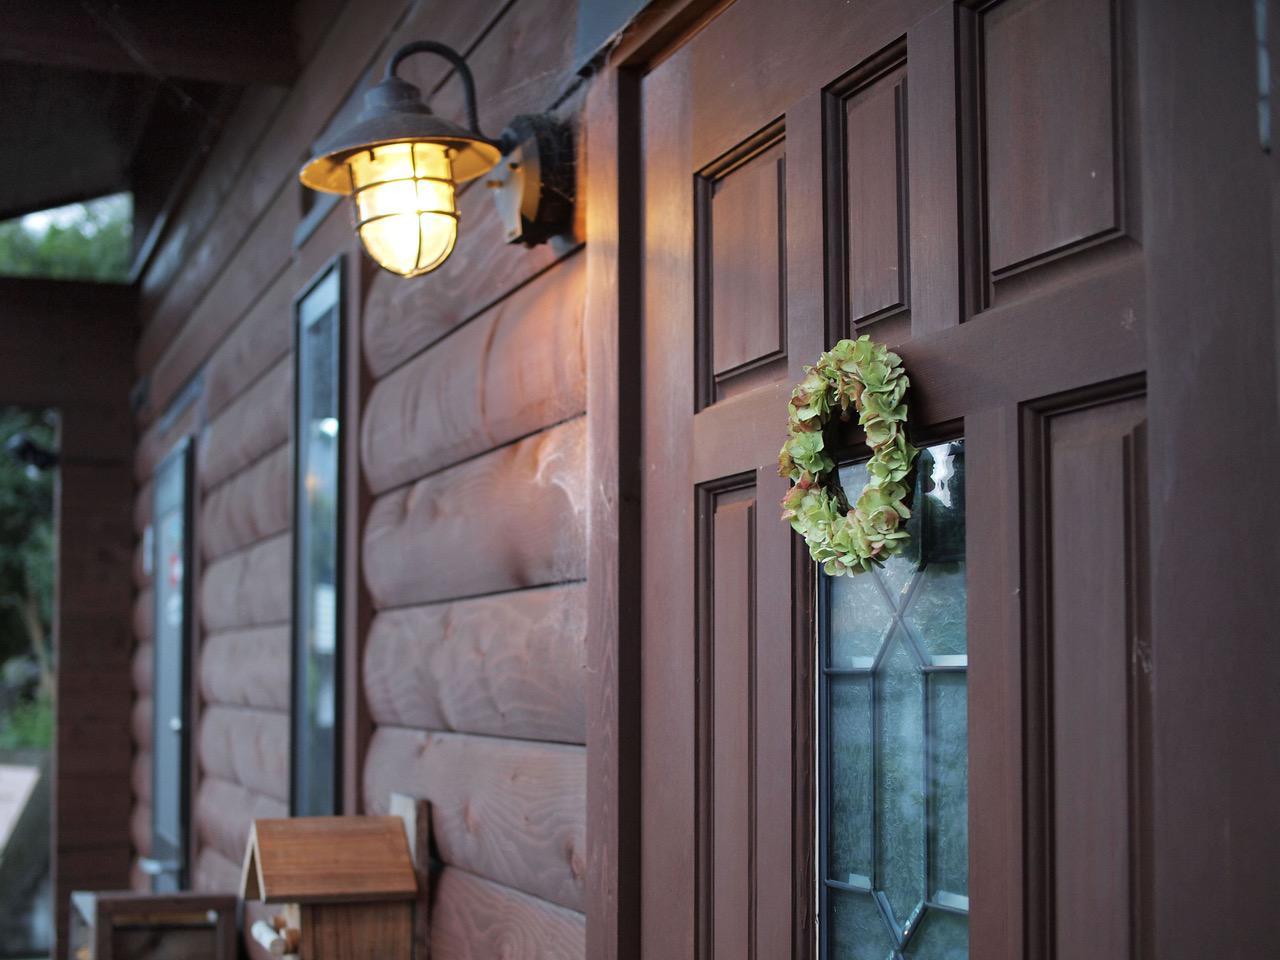 画像: 玄関扉に飾ることも。外に飾ると劣化が早まるので、長く楽しみたいときは直射日光の当たらない室内に飾るのがおすすめ